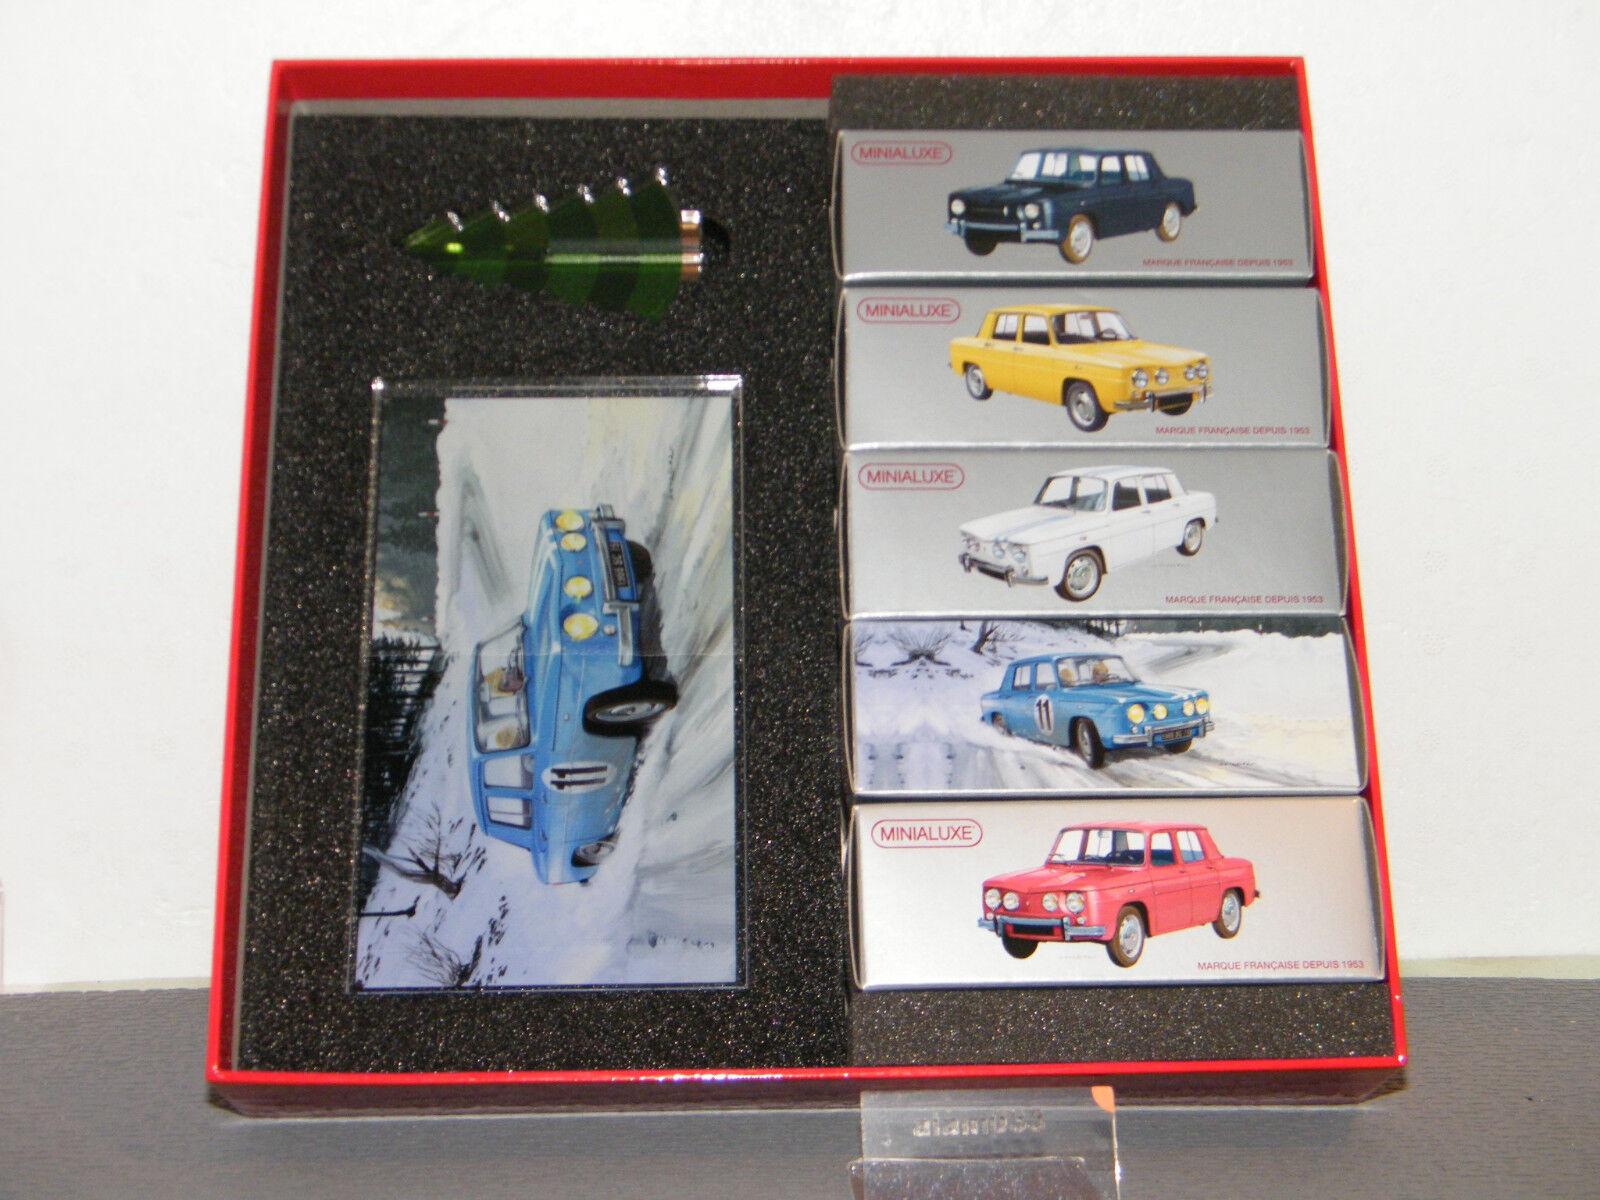 Nuevos productos de artículos novedosos. Coffret de Noël cinq Renault R8 R8 R8 MINIALUXE 1 43 Ref Coffret_5_R8  comprar ahora